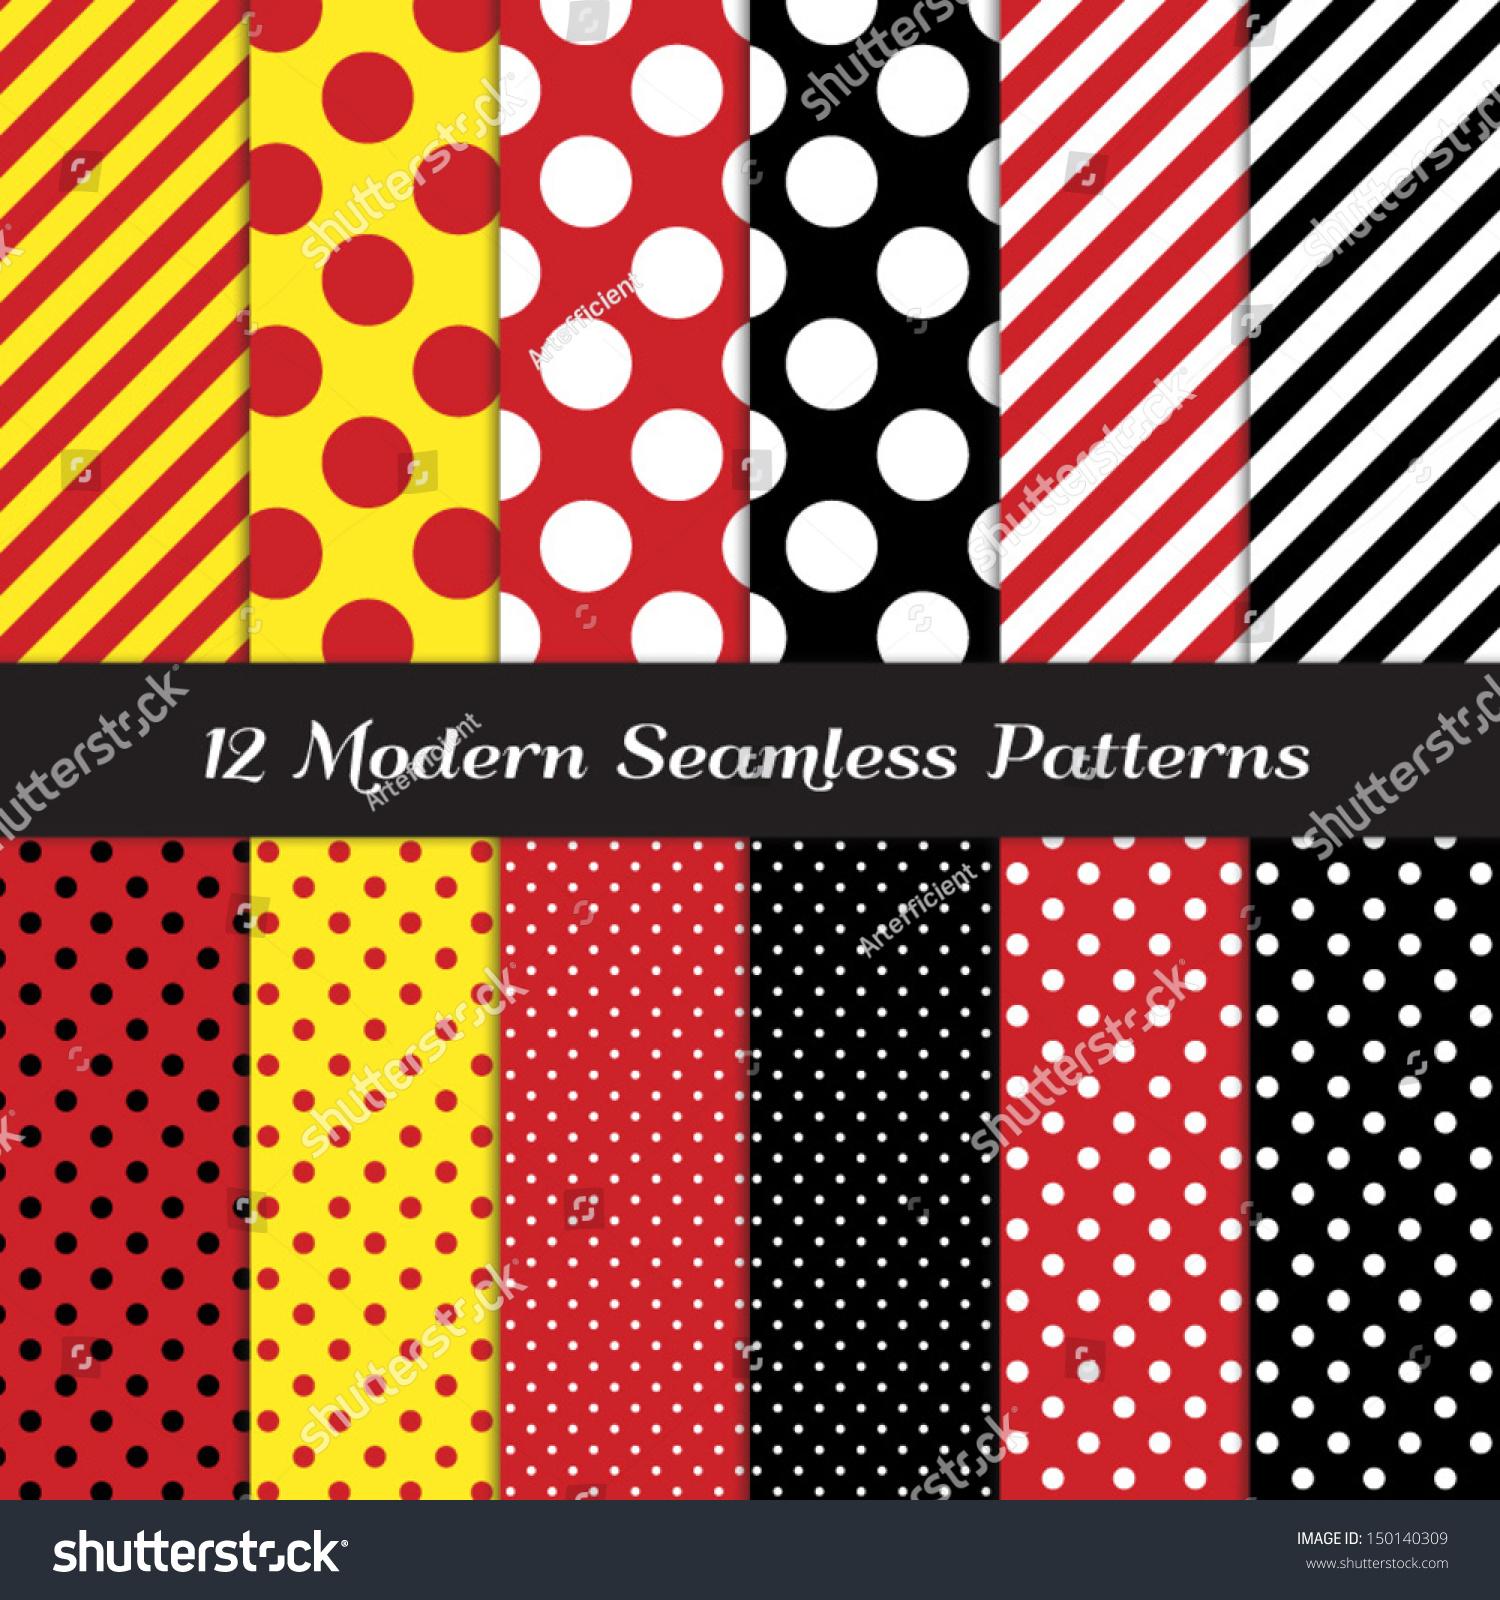 Jumbo polka dots small polka dots stock vector 150140309 for Red and white polka dot pattern